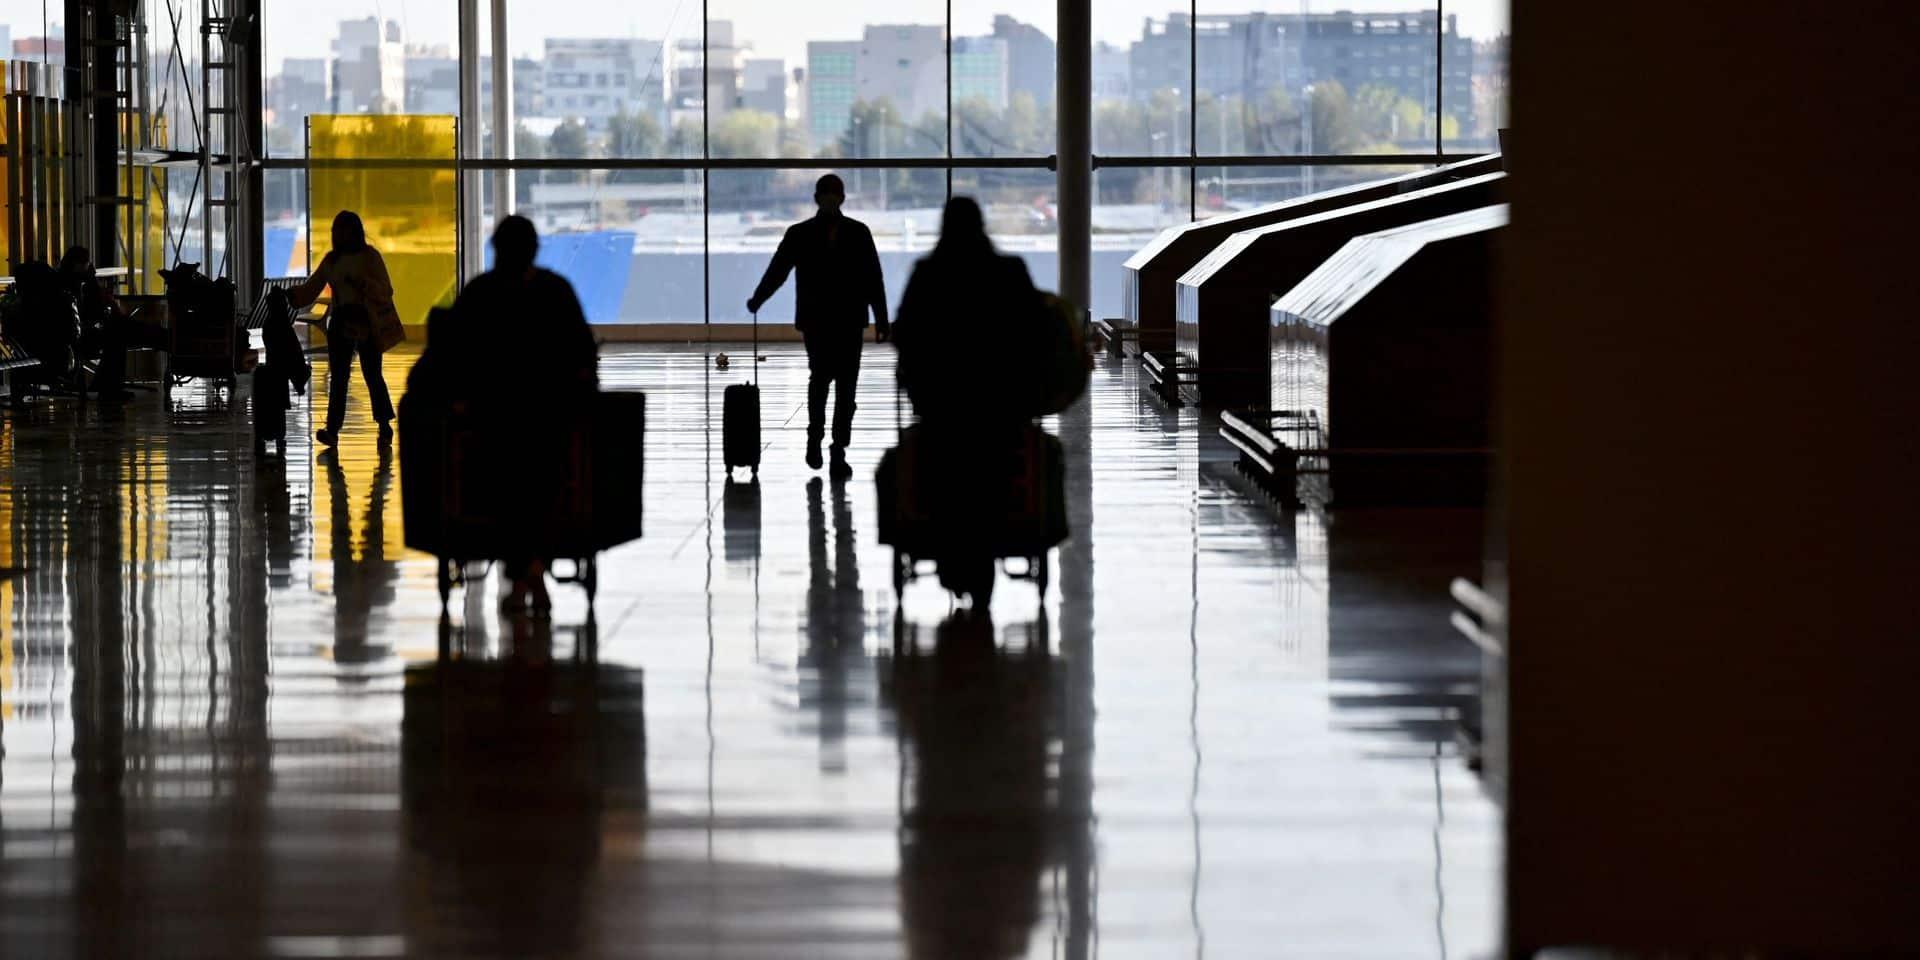 Voyages de et vers le Brésil: pas de mesures particulières en Belgique en dépit du variant